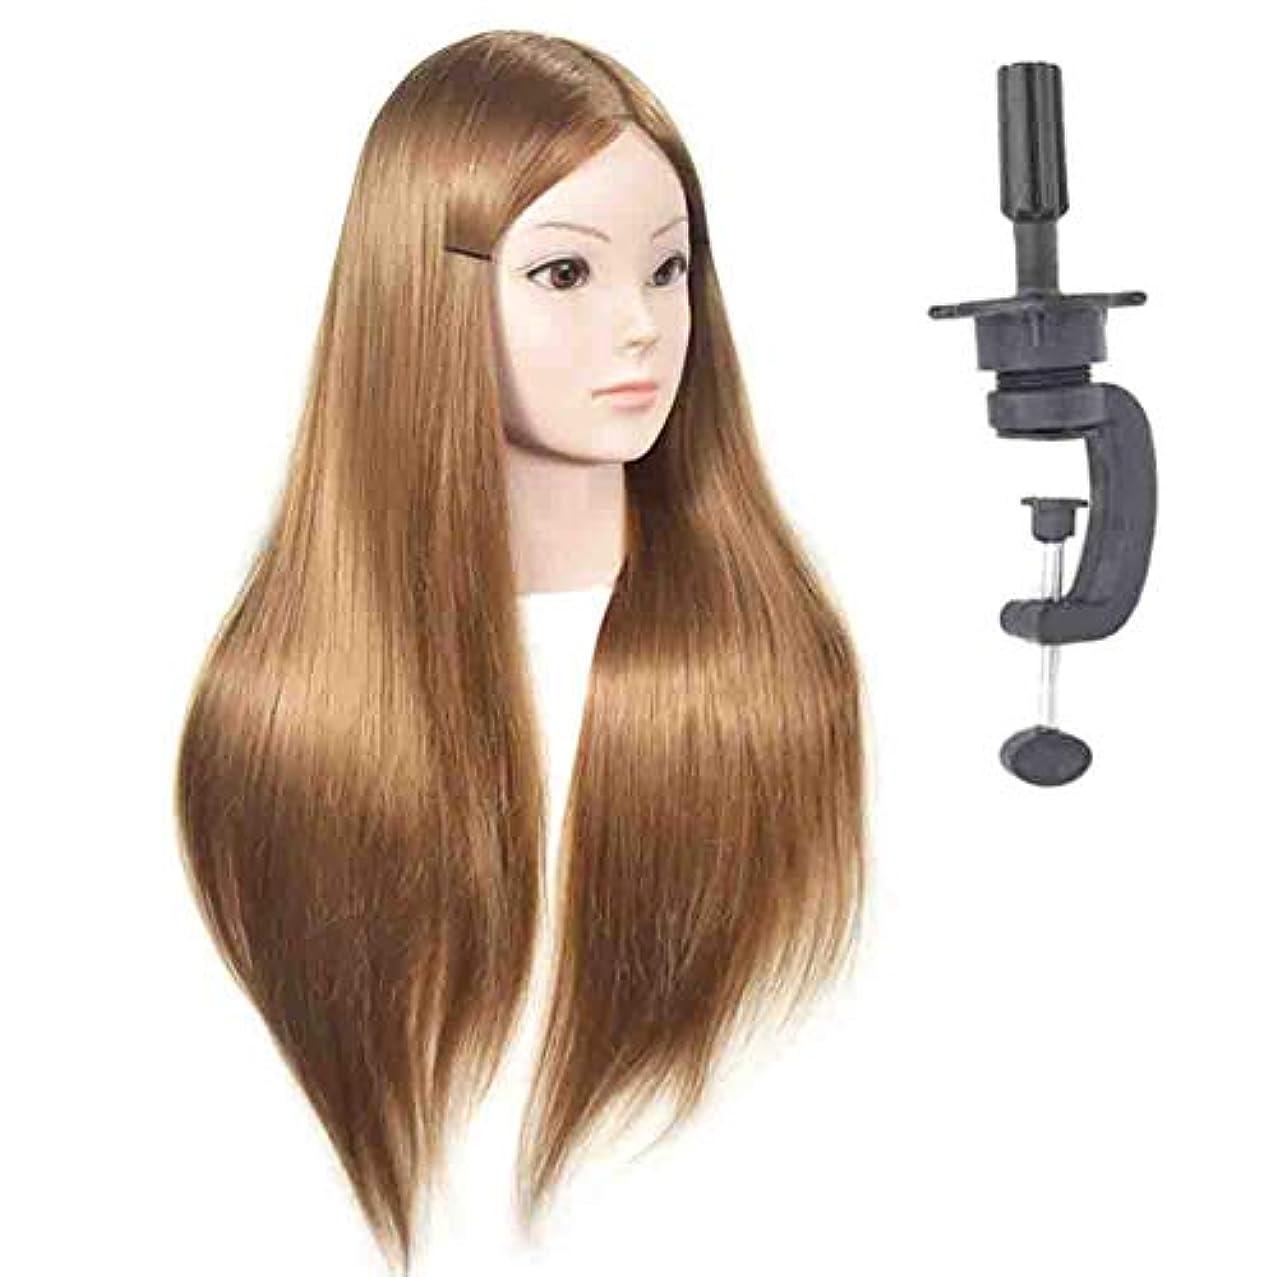 欠員セクタ蓋ゴールデンプラクティスマネキンヘッドブライダルメイクスタイリングプラクティスダミーヘッドヘアサロン散髪指導ヘッドは染めることができます漂白